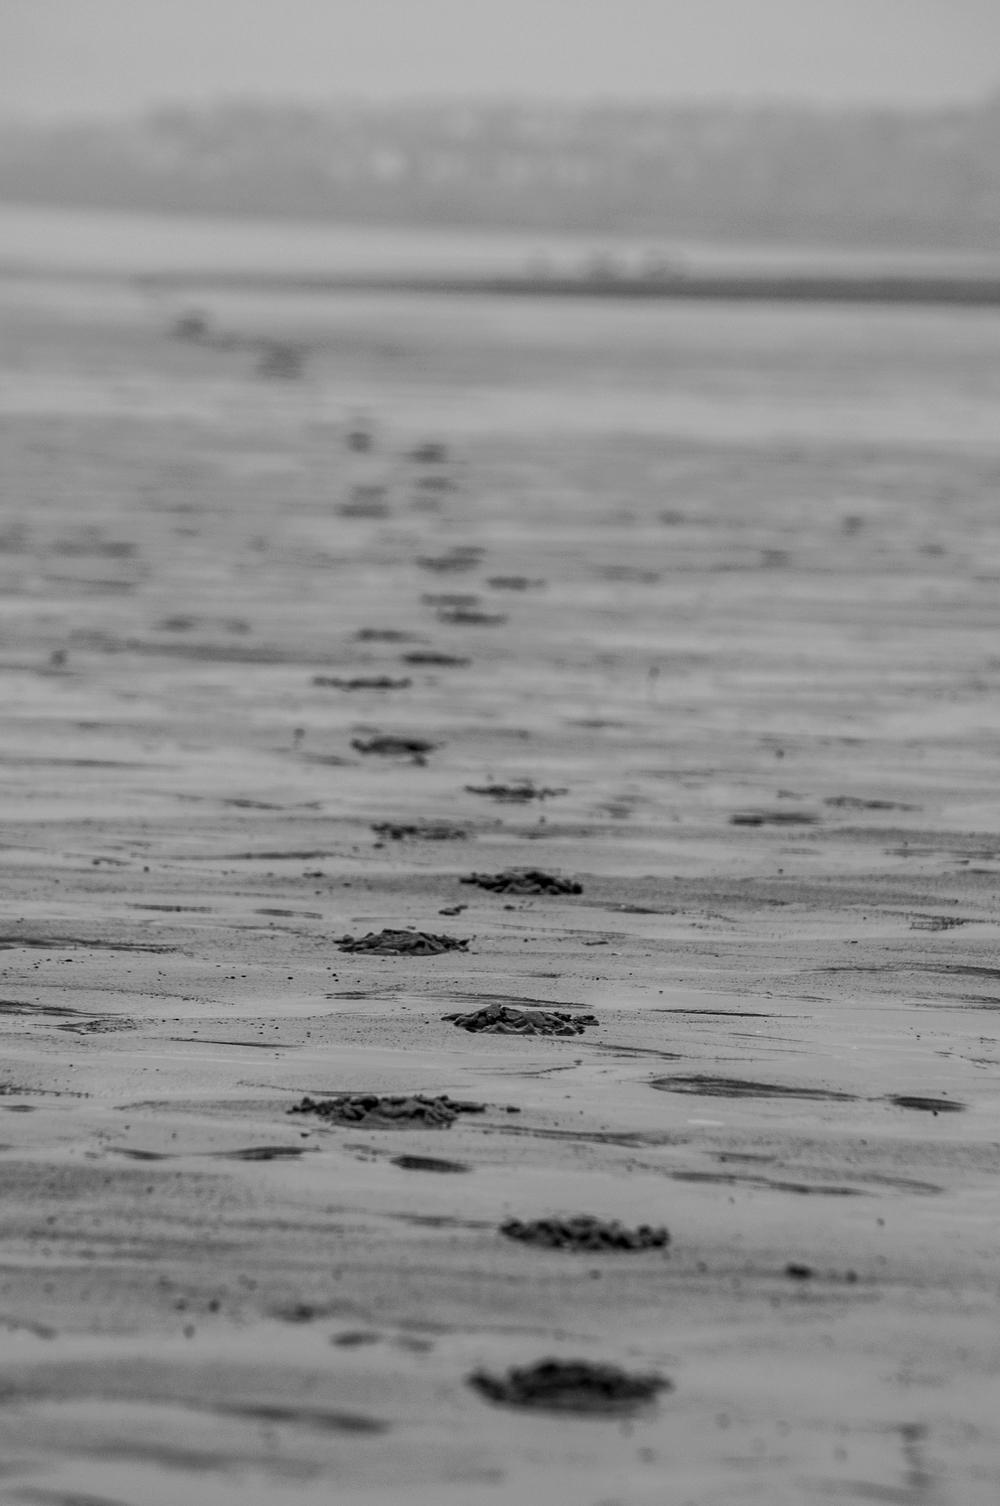 Portobello o wschodzie - DSC_9334.jpg